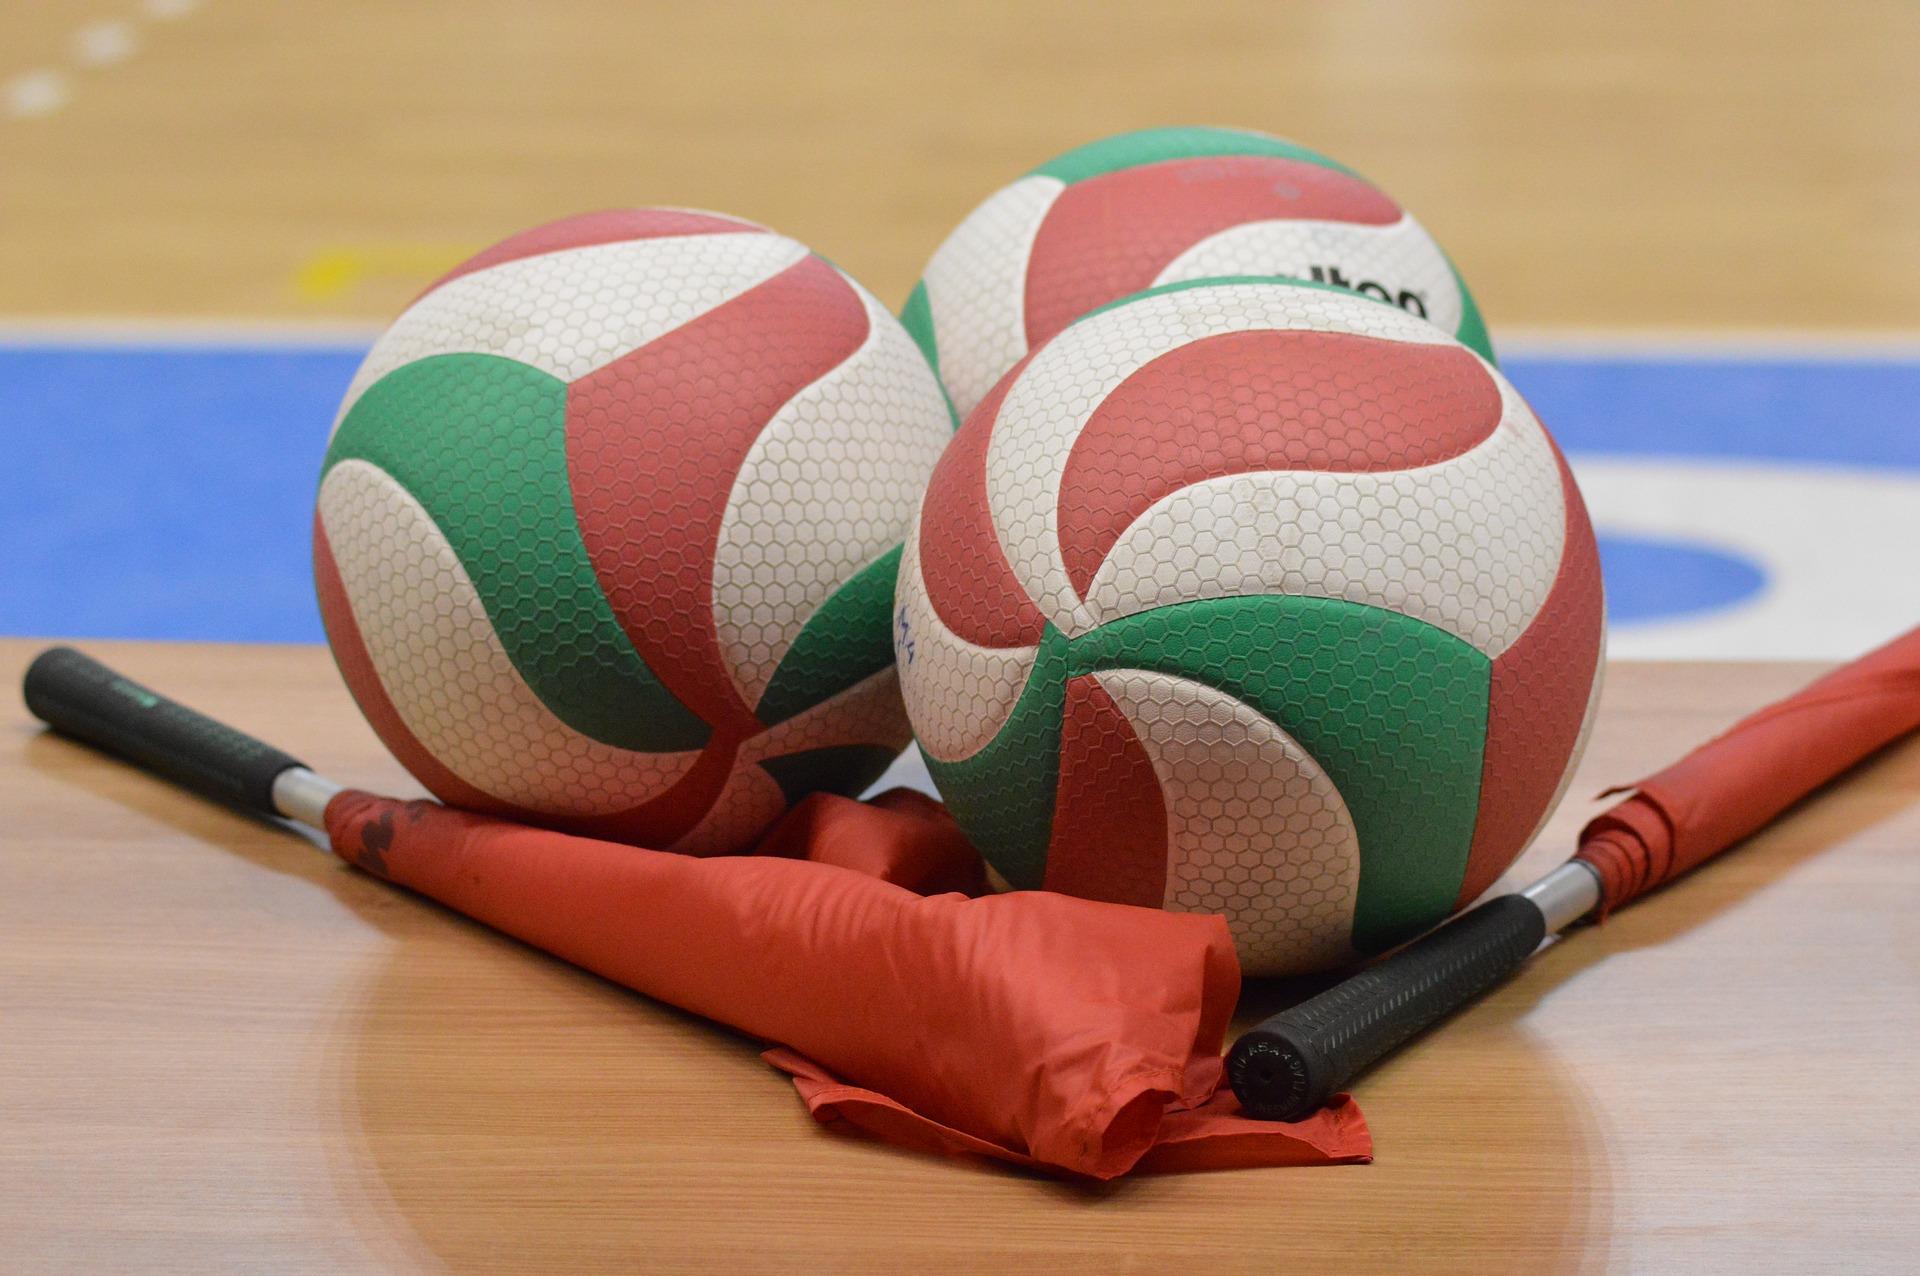 volleyball-2920B70D1-8886-1119-7CDC-7652A523B73B.jpg